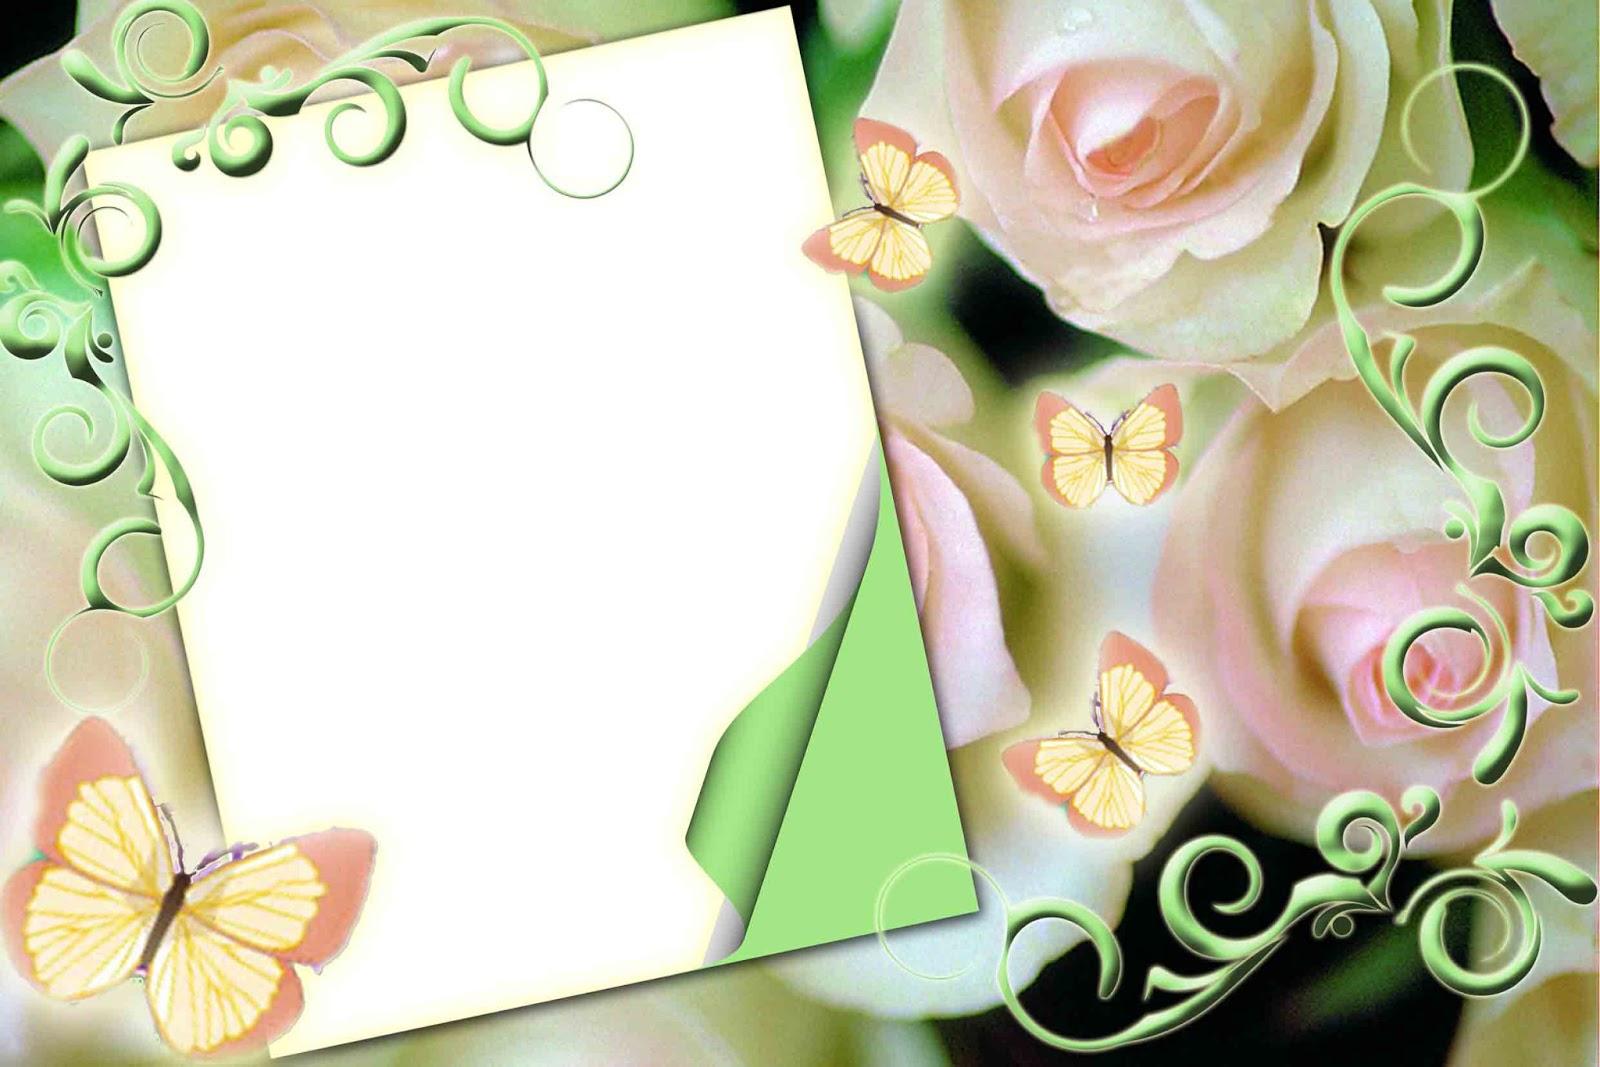 Фотошоп открытка с днем рождения маме, днем гибдд картинках